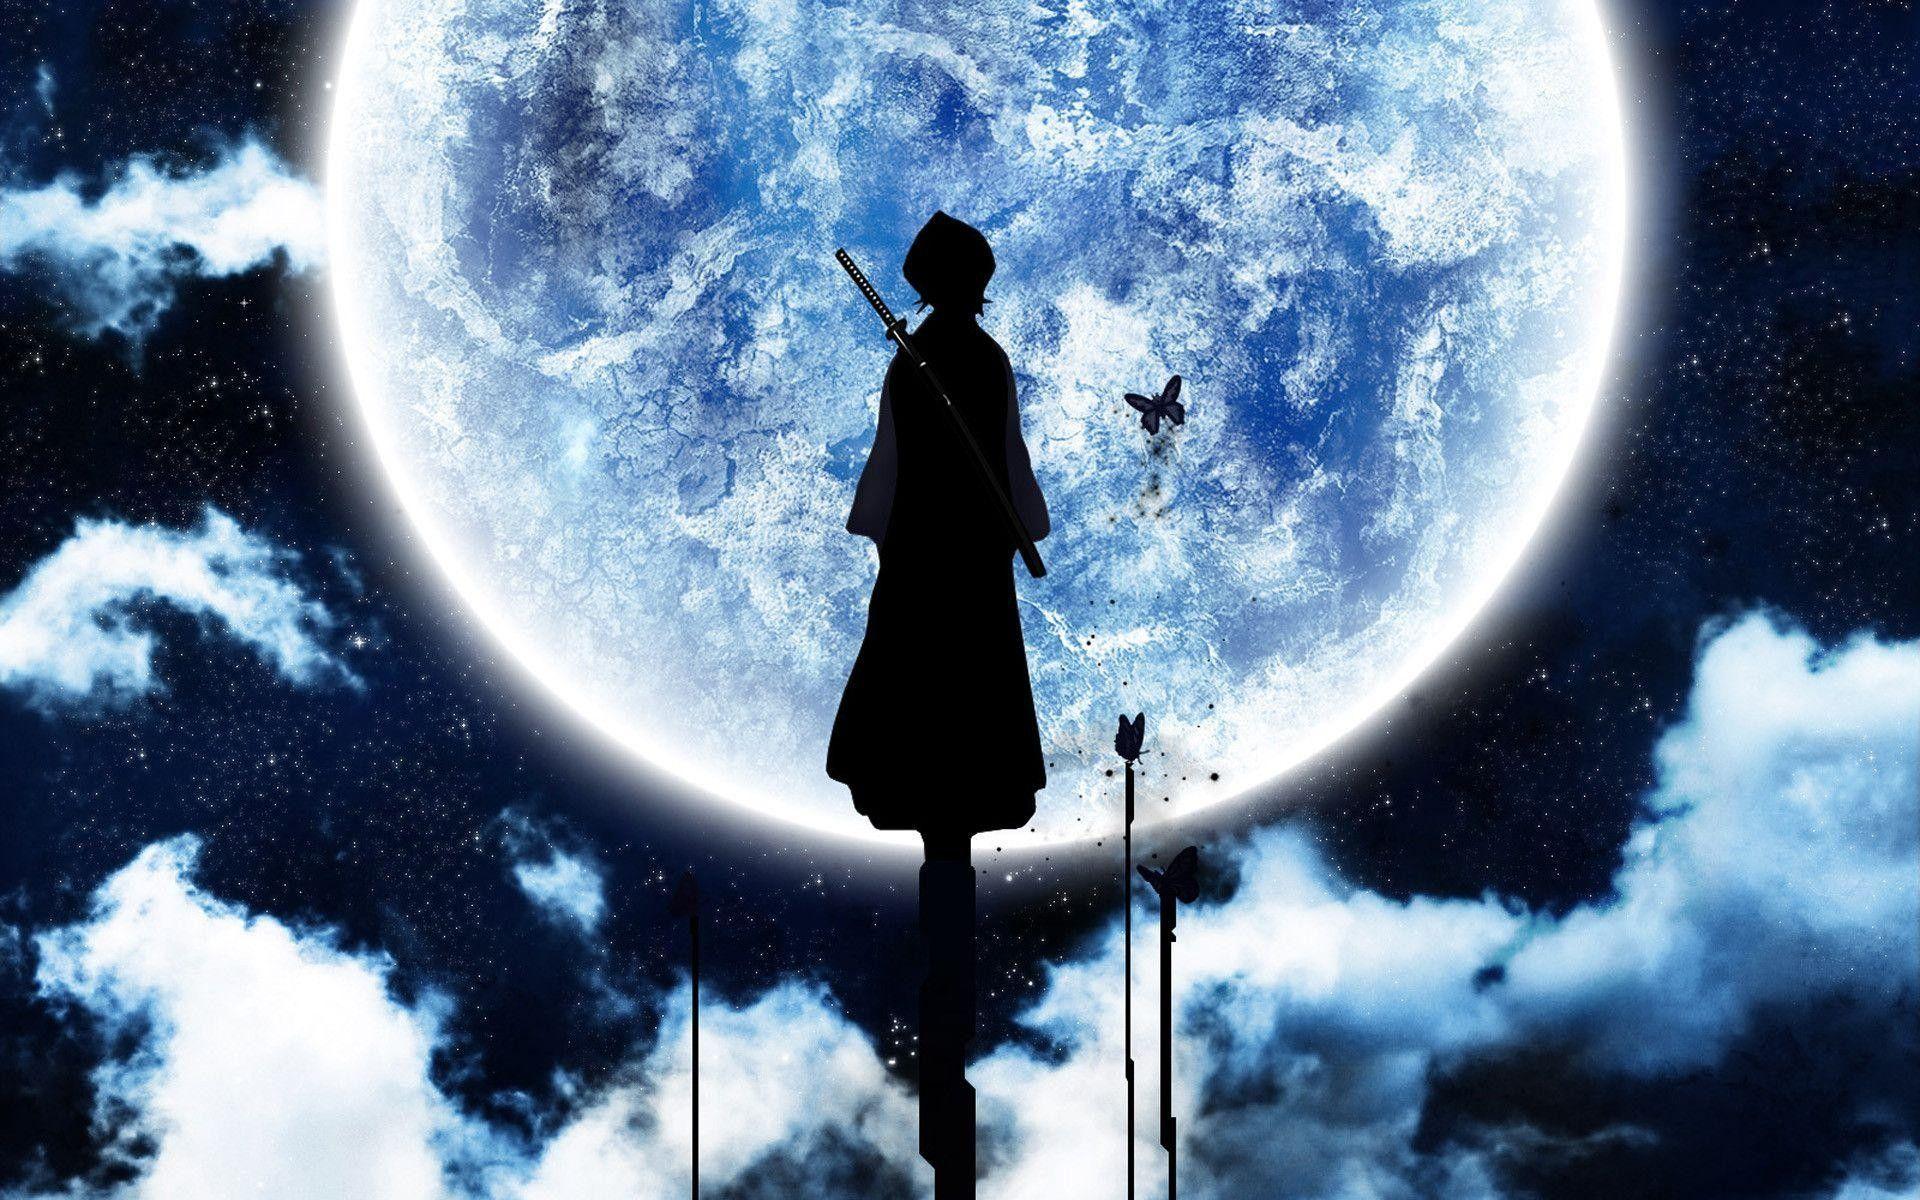 Bleach Wallpaper Full Hd doraemon in 2020 Anime